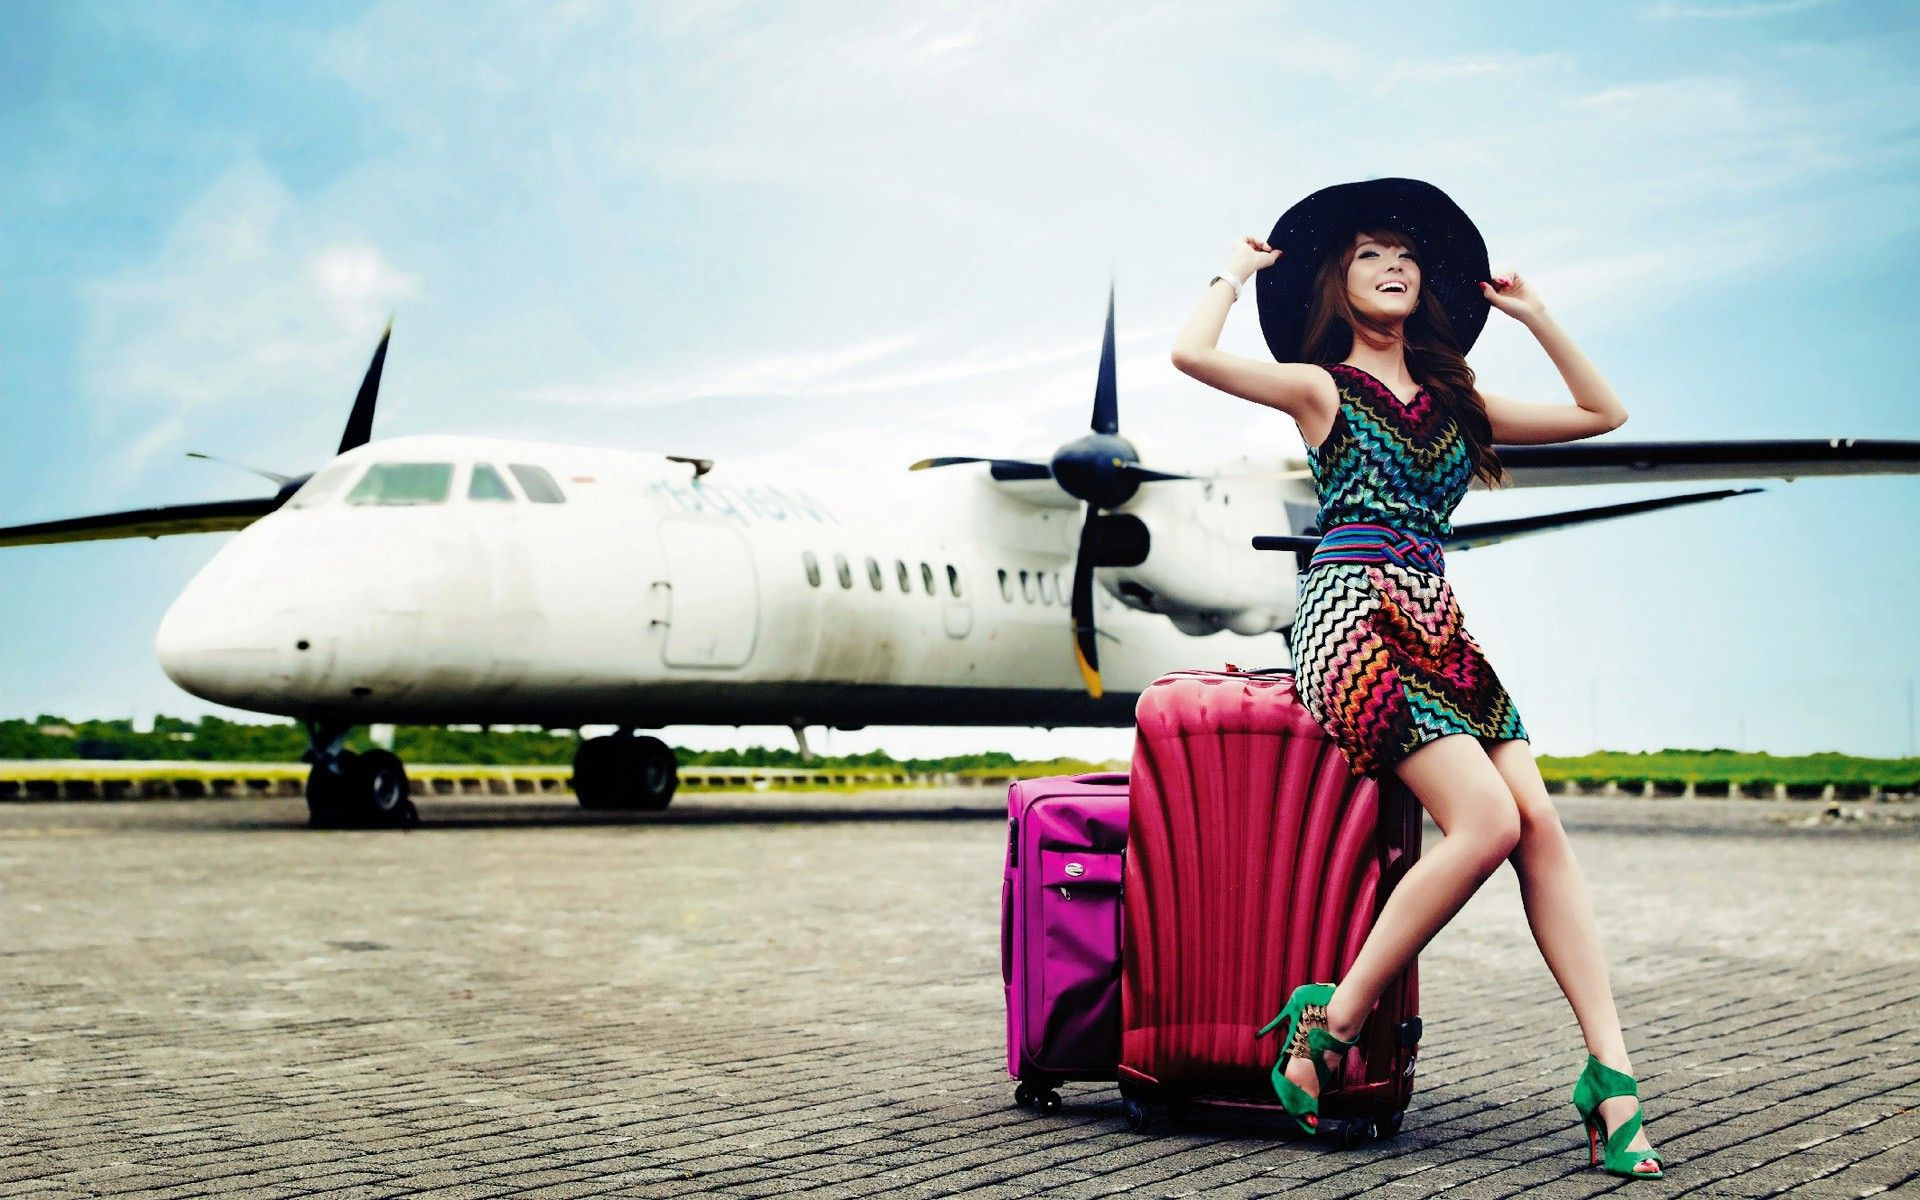 Asians Girls Generation SNSD KPop Korean aircraft.